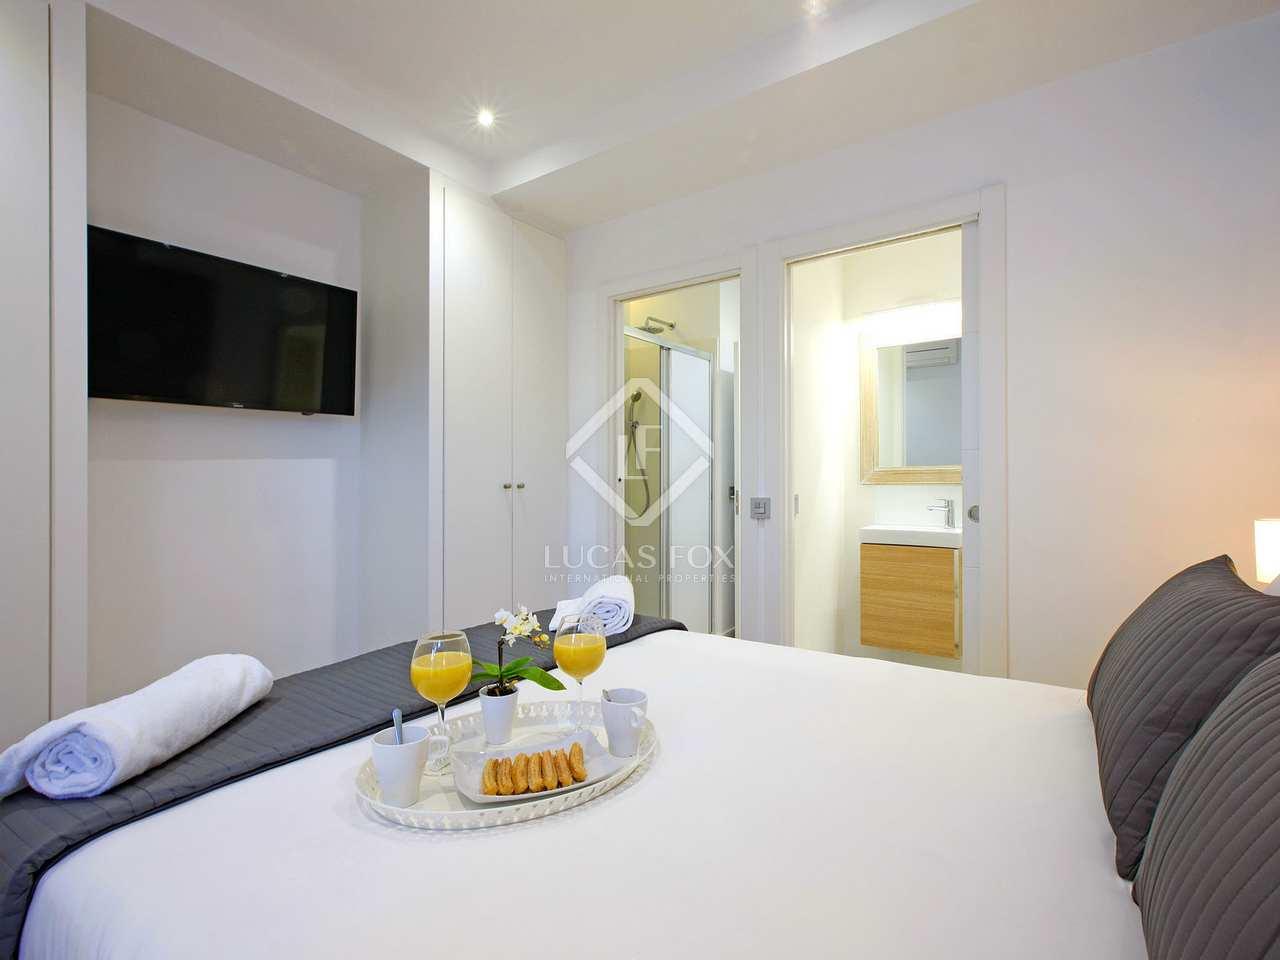 Piso de 1 dormitorio en alquiler en universidad madrid for Alquiler de dormitorios